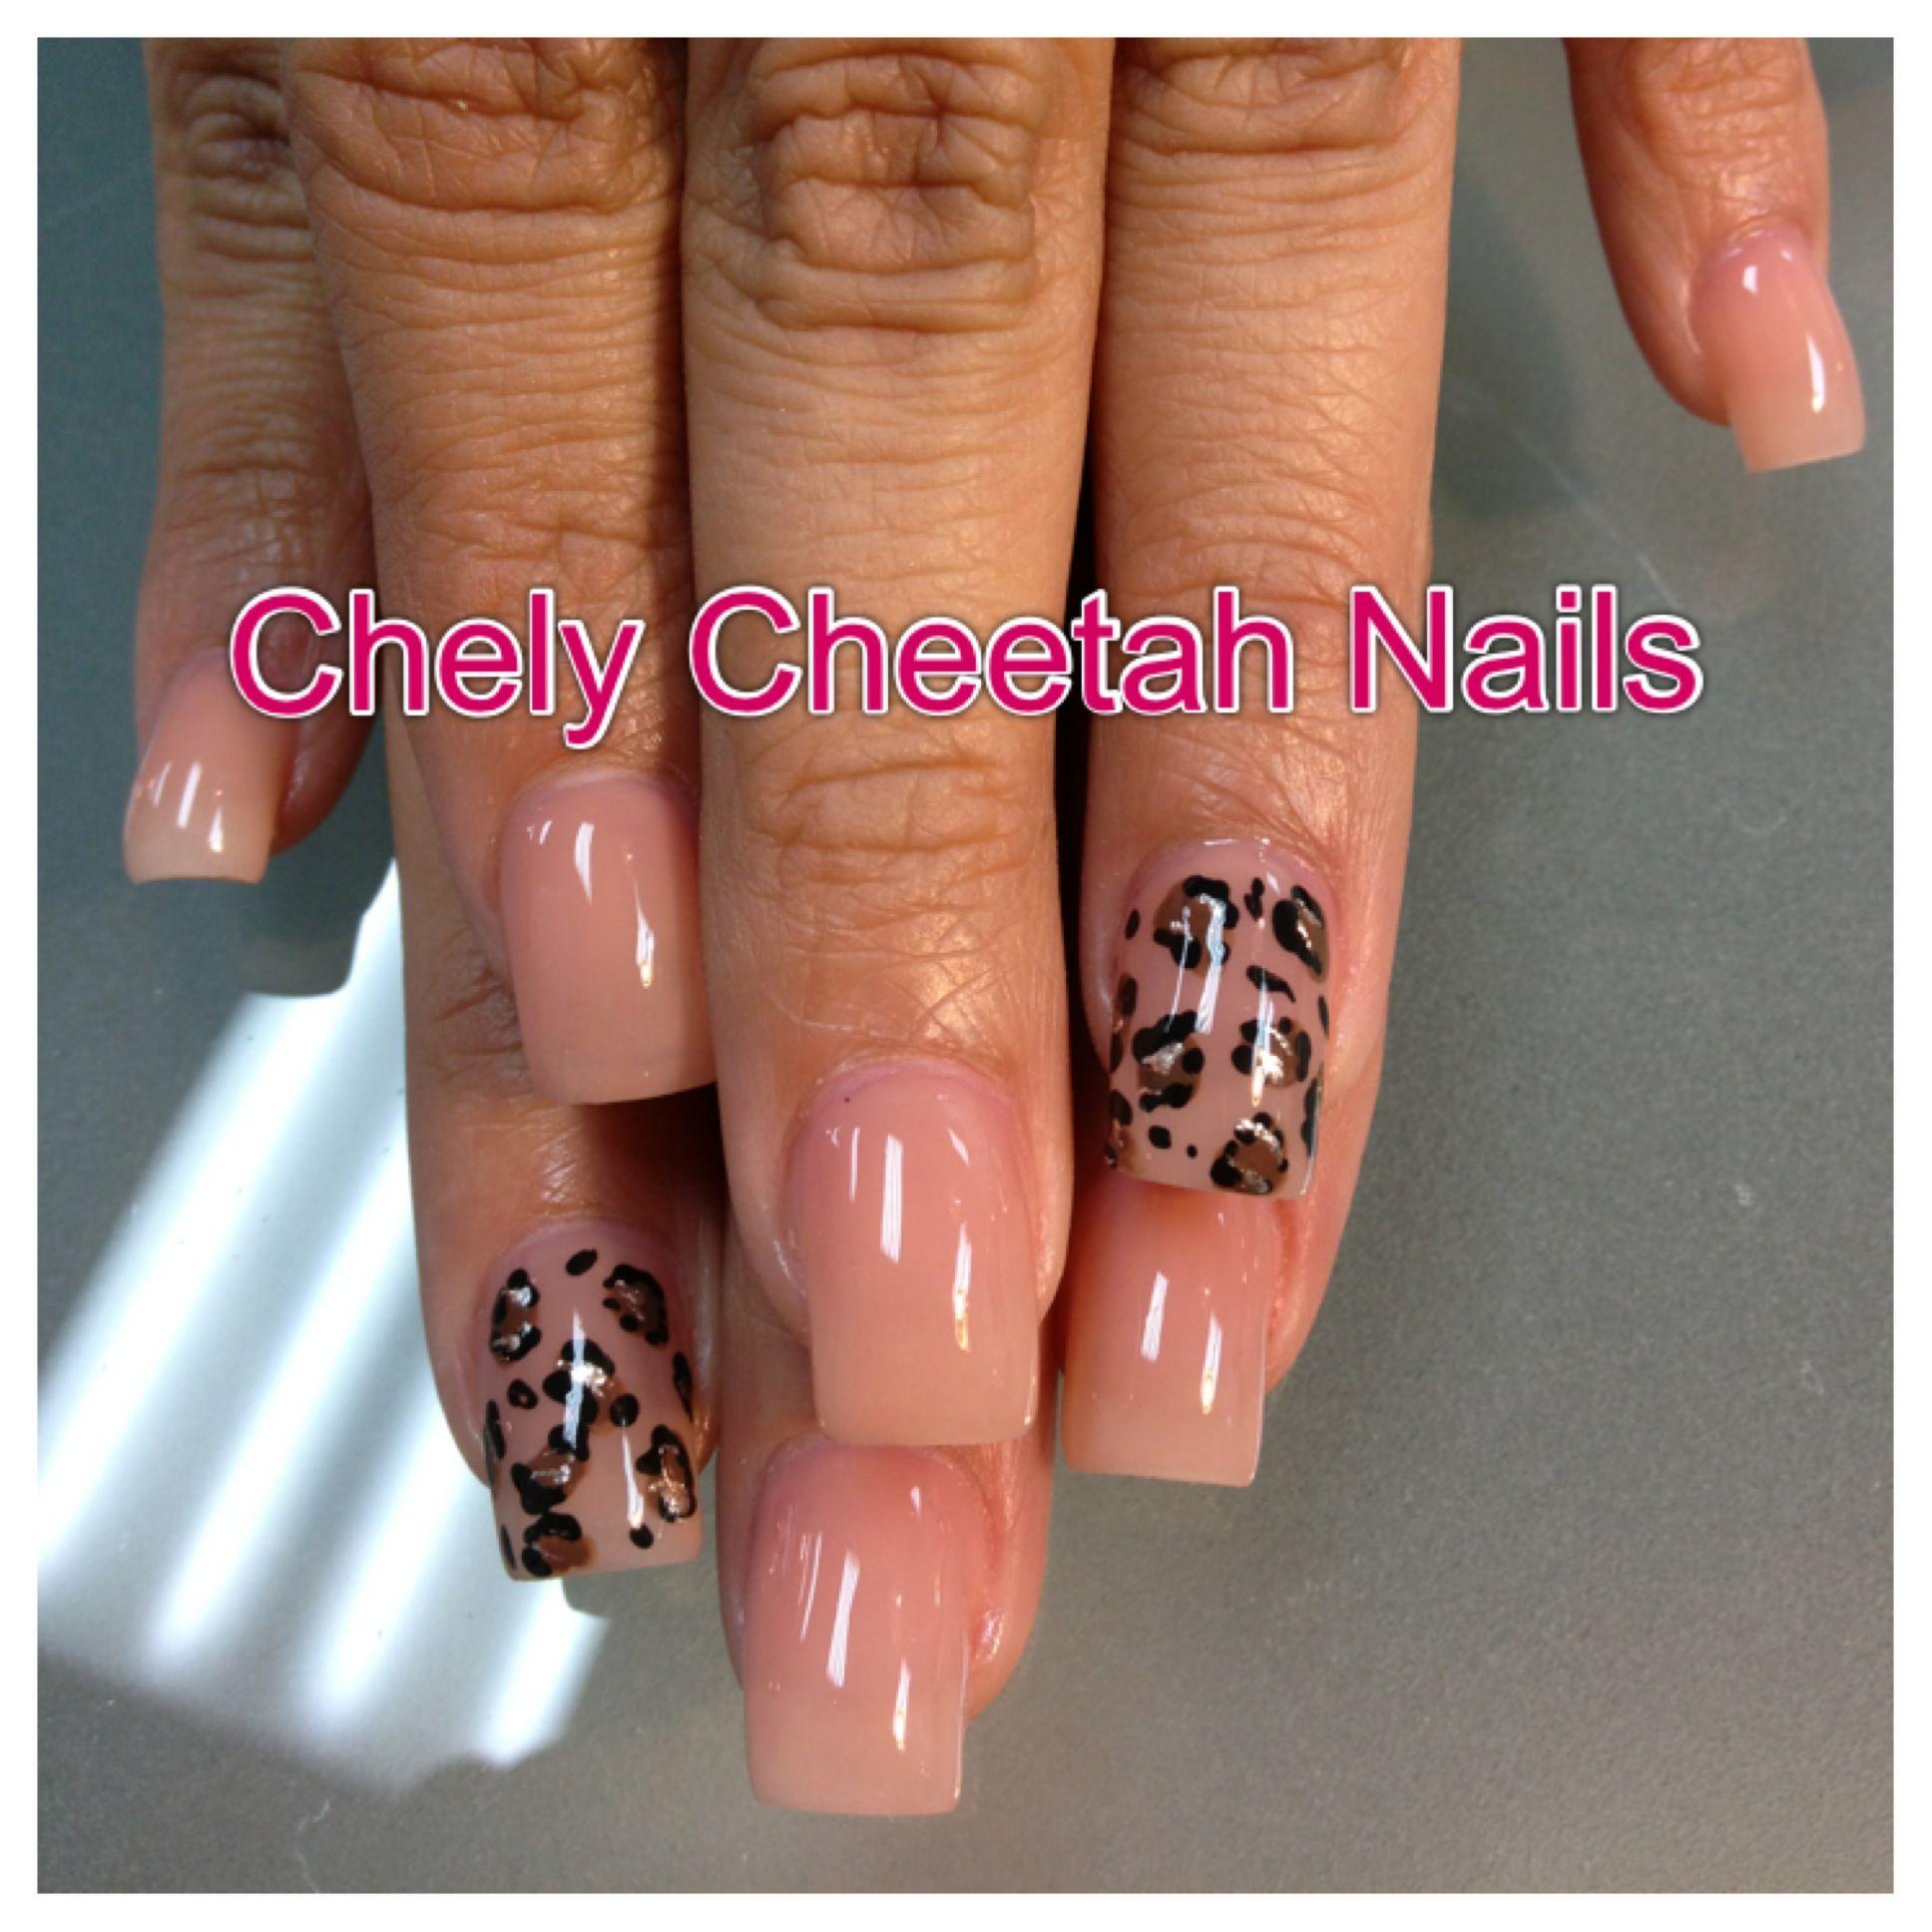 Chely cheetah nails acrylic nails nude cheetah print nail art chely cheetah nails acrylic nails nude cheetah print nail art prinsesfo Image collections